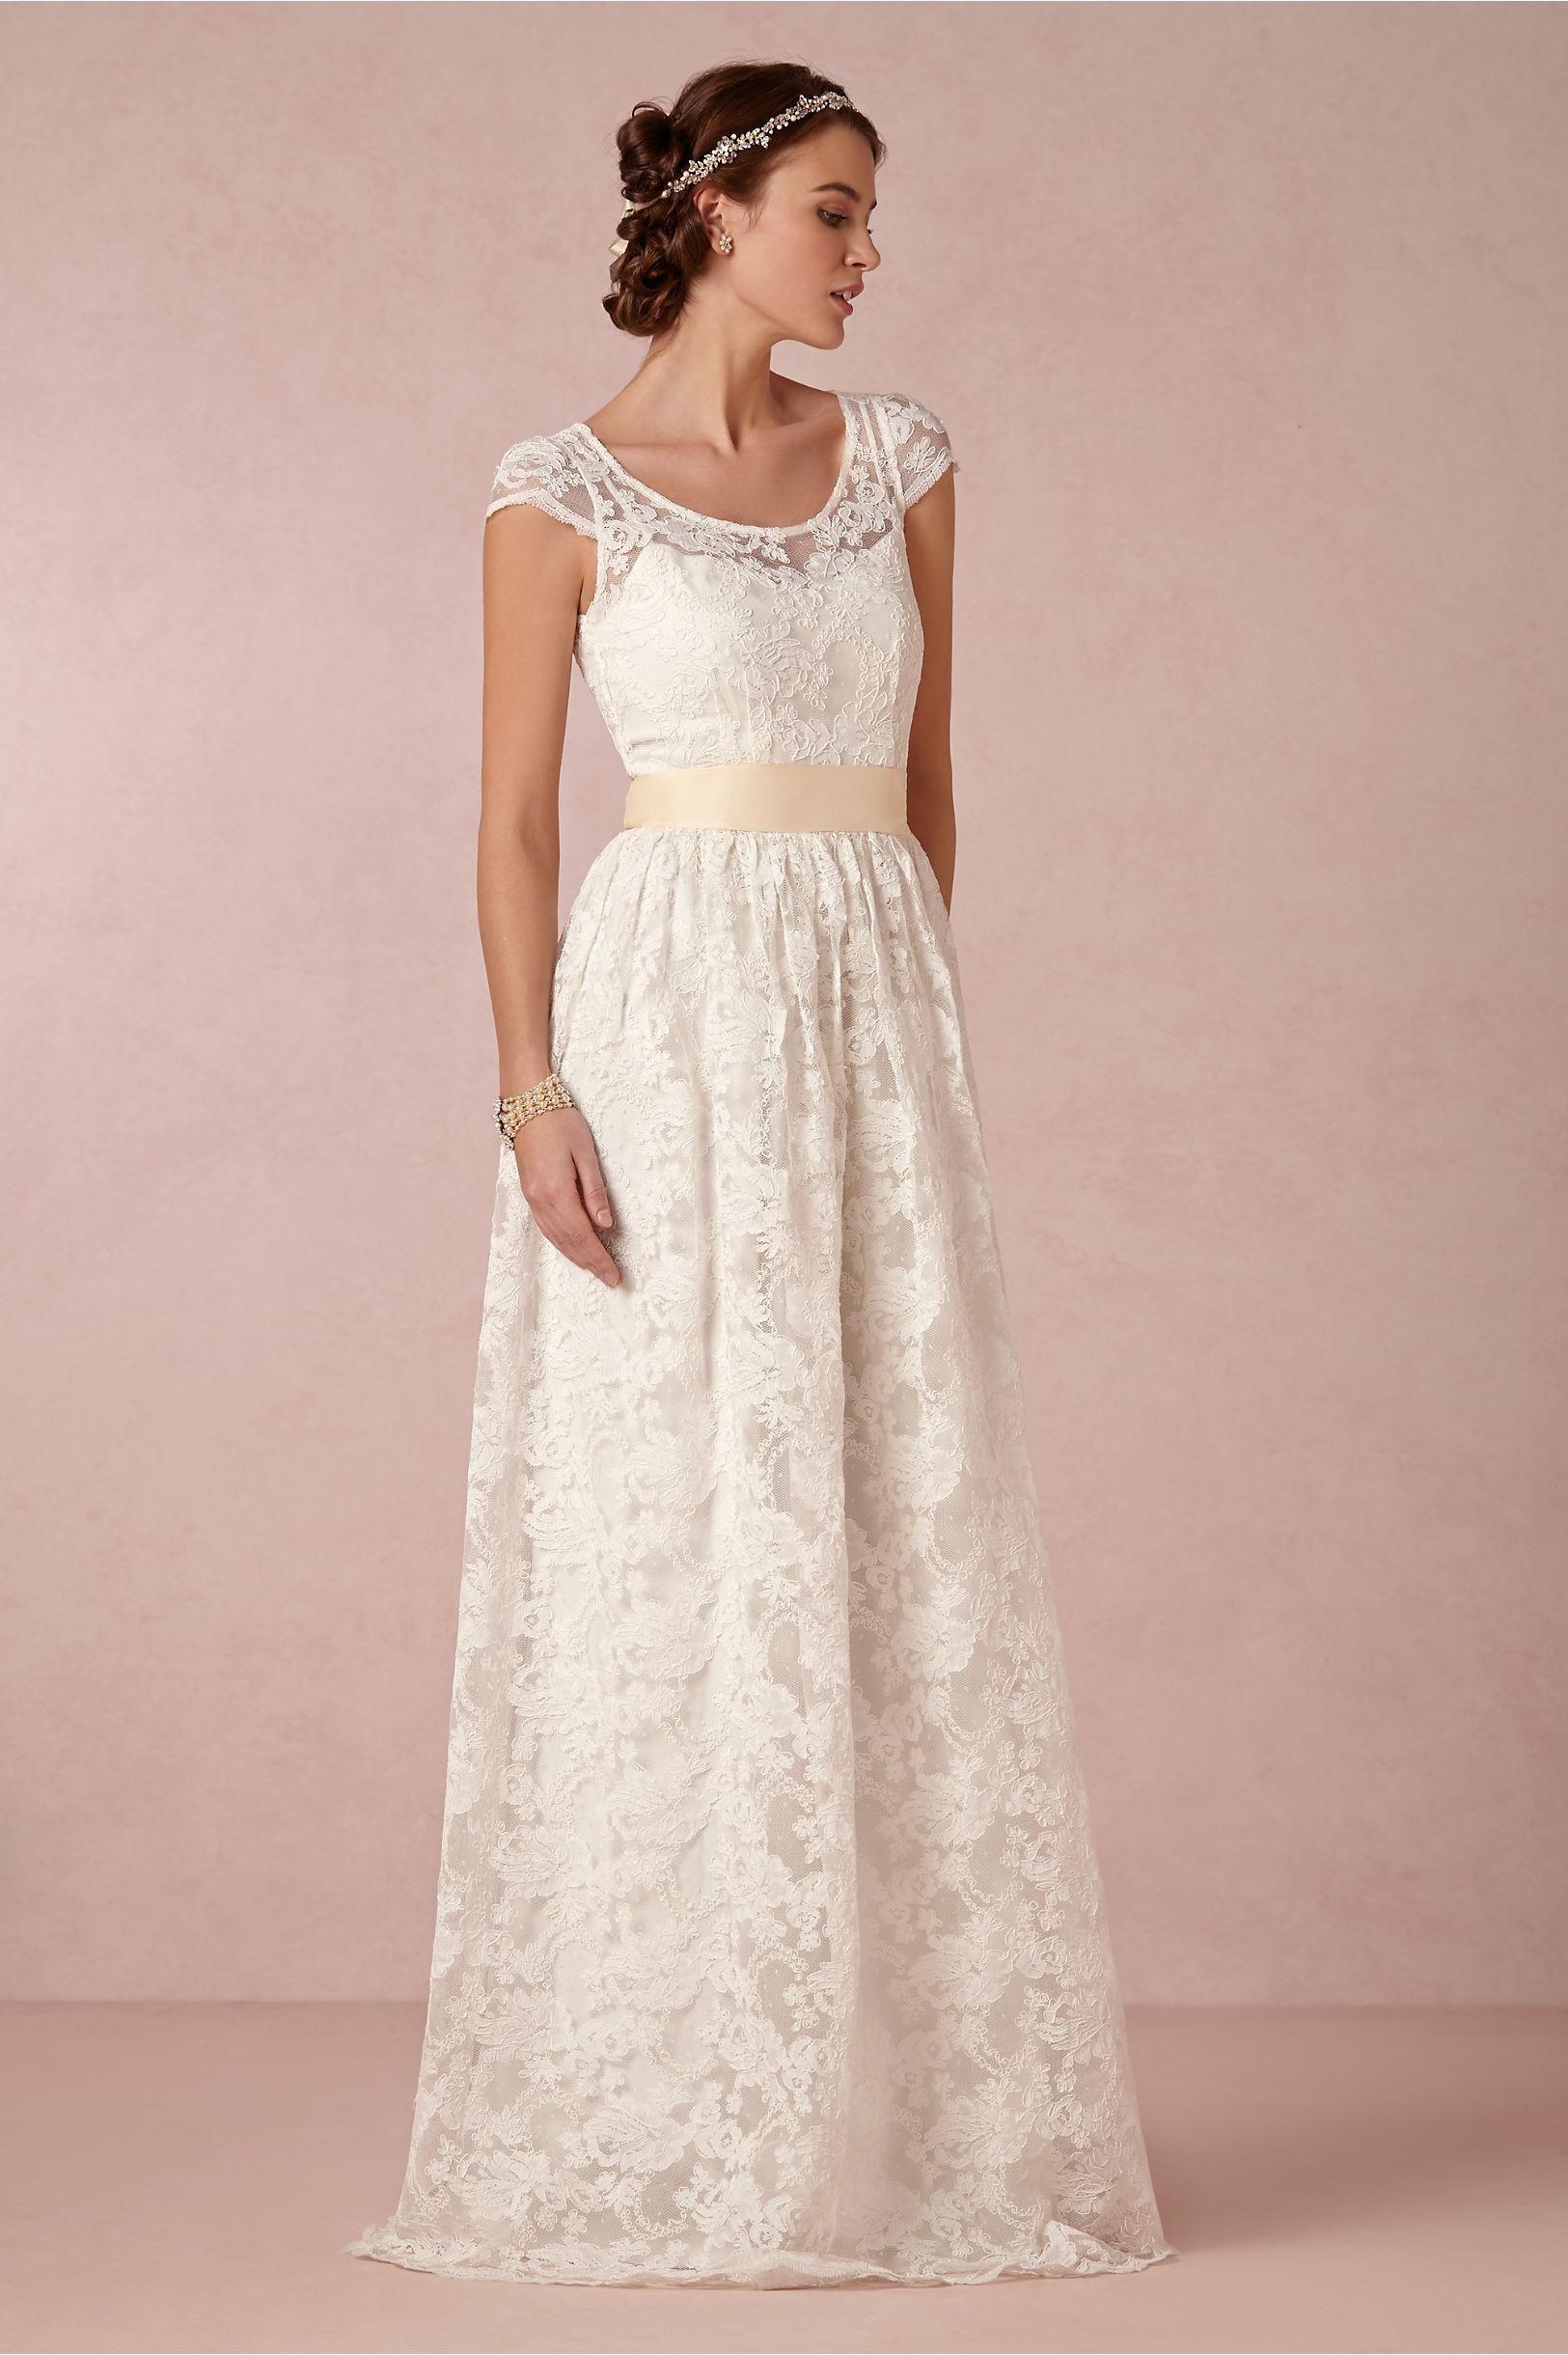 Ellie Gown from Leanne Marshall for BHLDN | Wedding | Pinterest ...